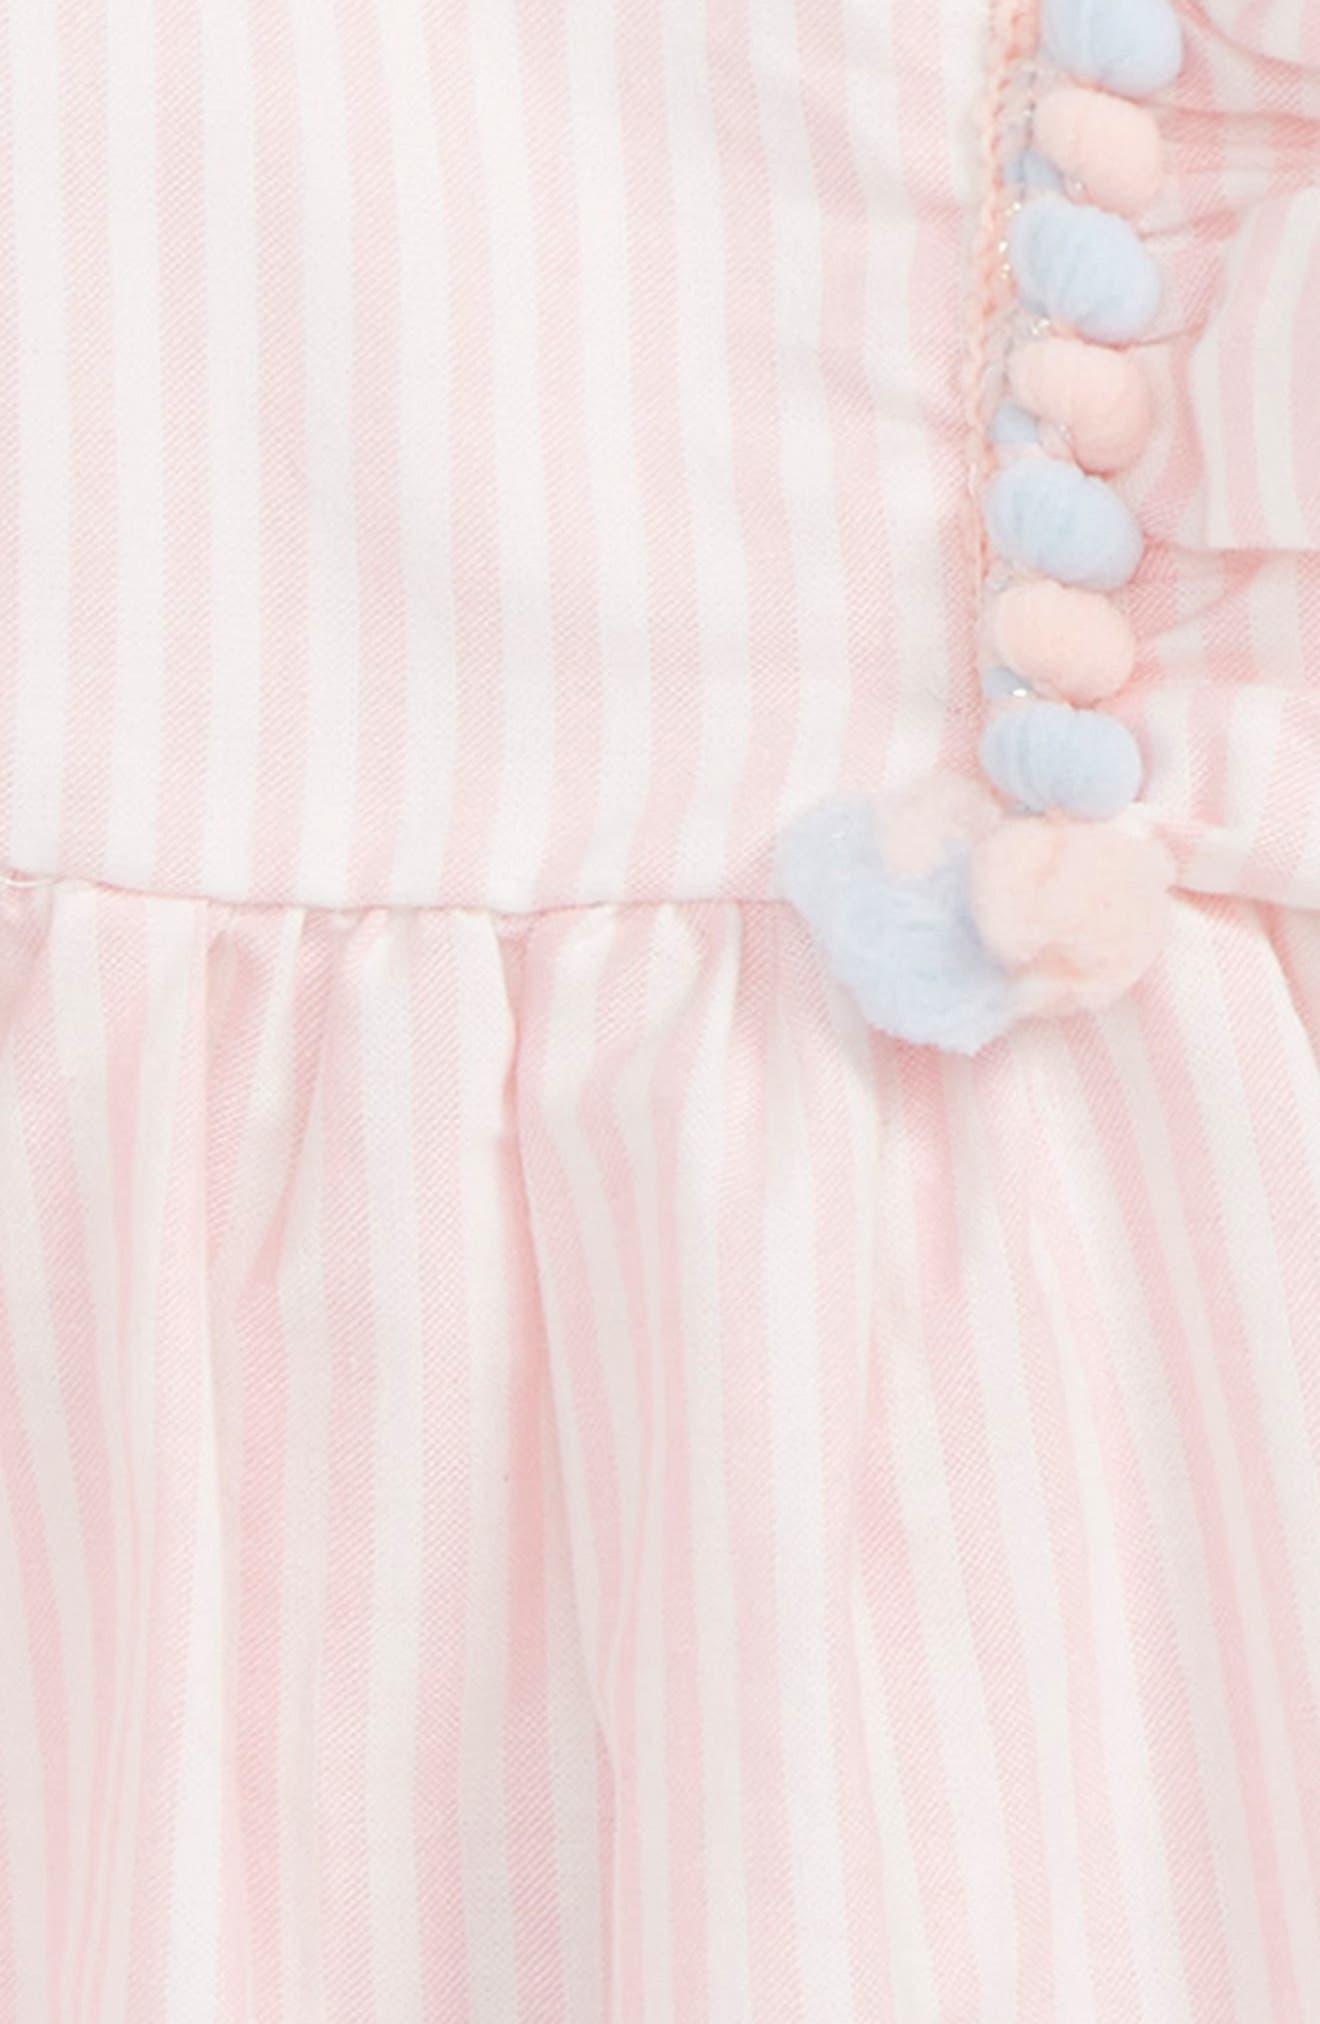 Flutter Sleeve Top & Crop Leggings Set,                             Alternate thumbnail 2, color,                             PINK/ BLUE